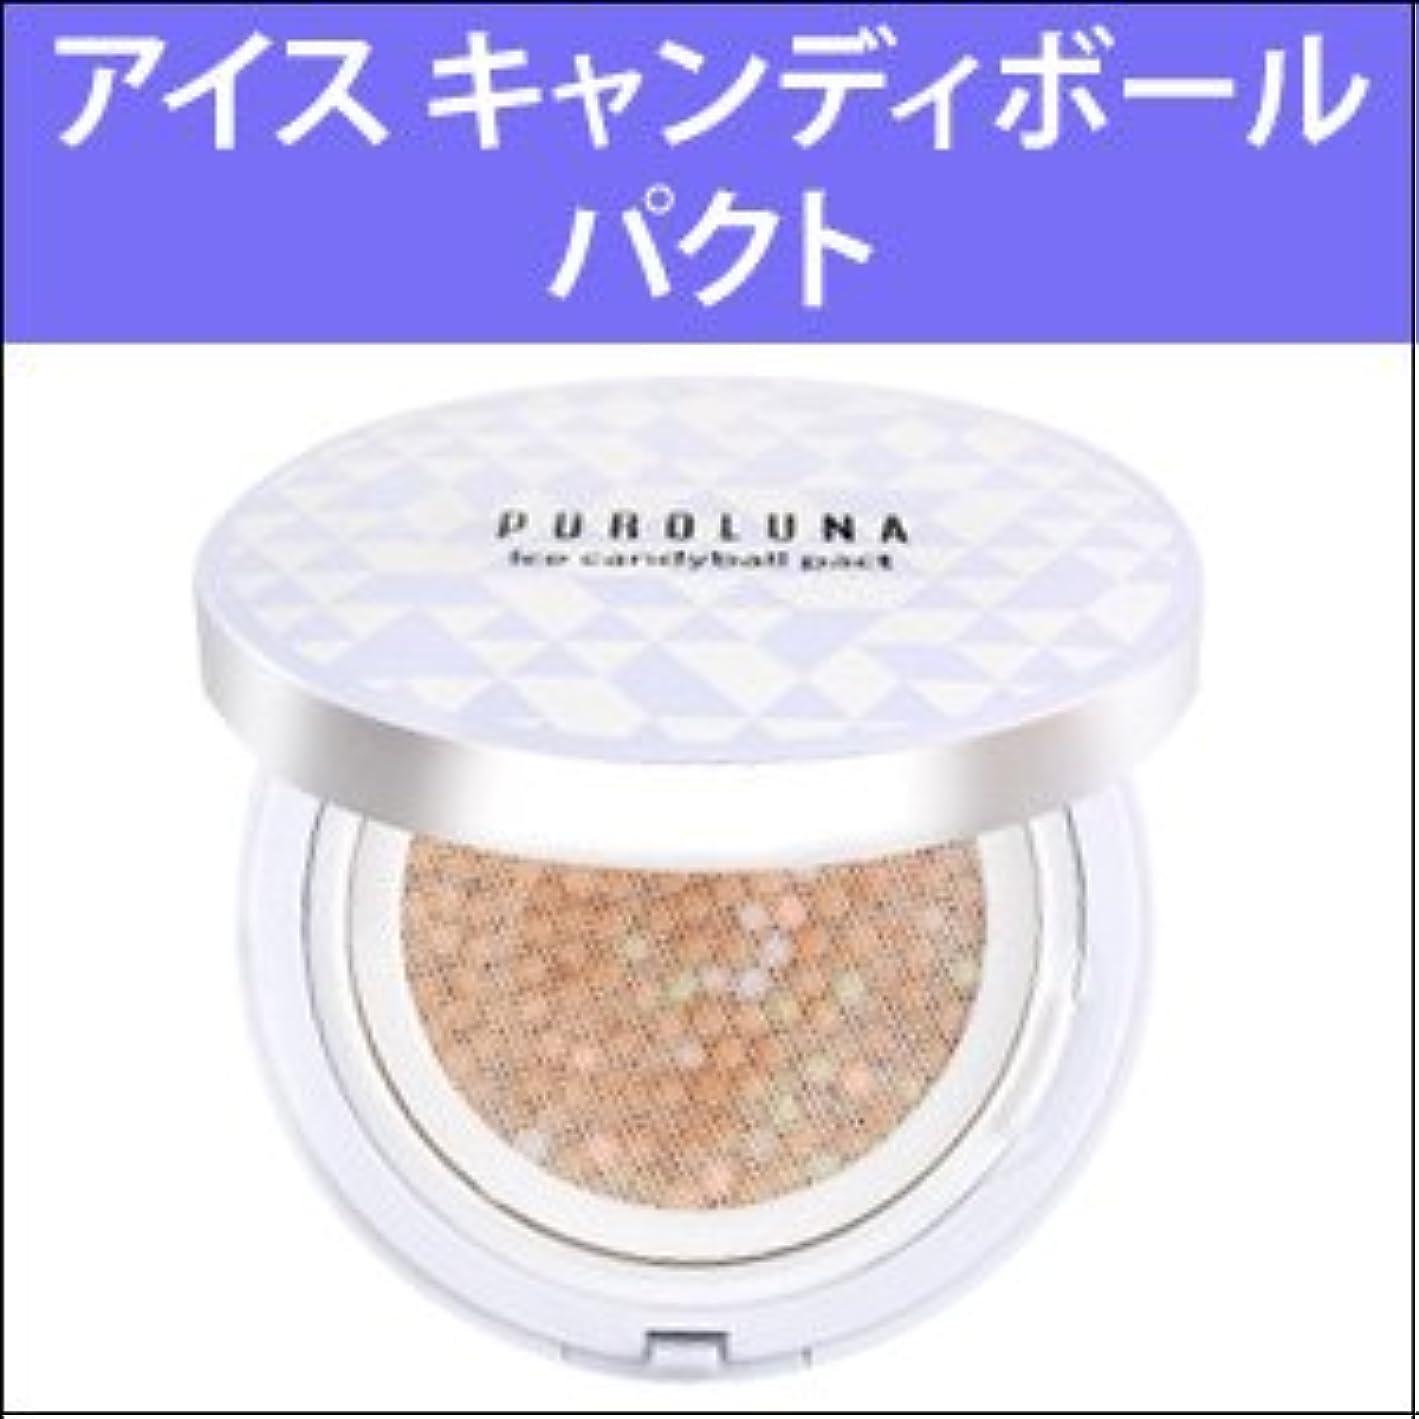 禁輸承認バン『PUROLUNA?プロルナ』 アイス キャンディボール パクト(SPF50+/PA+++) カラー:2号 ベージュ